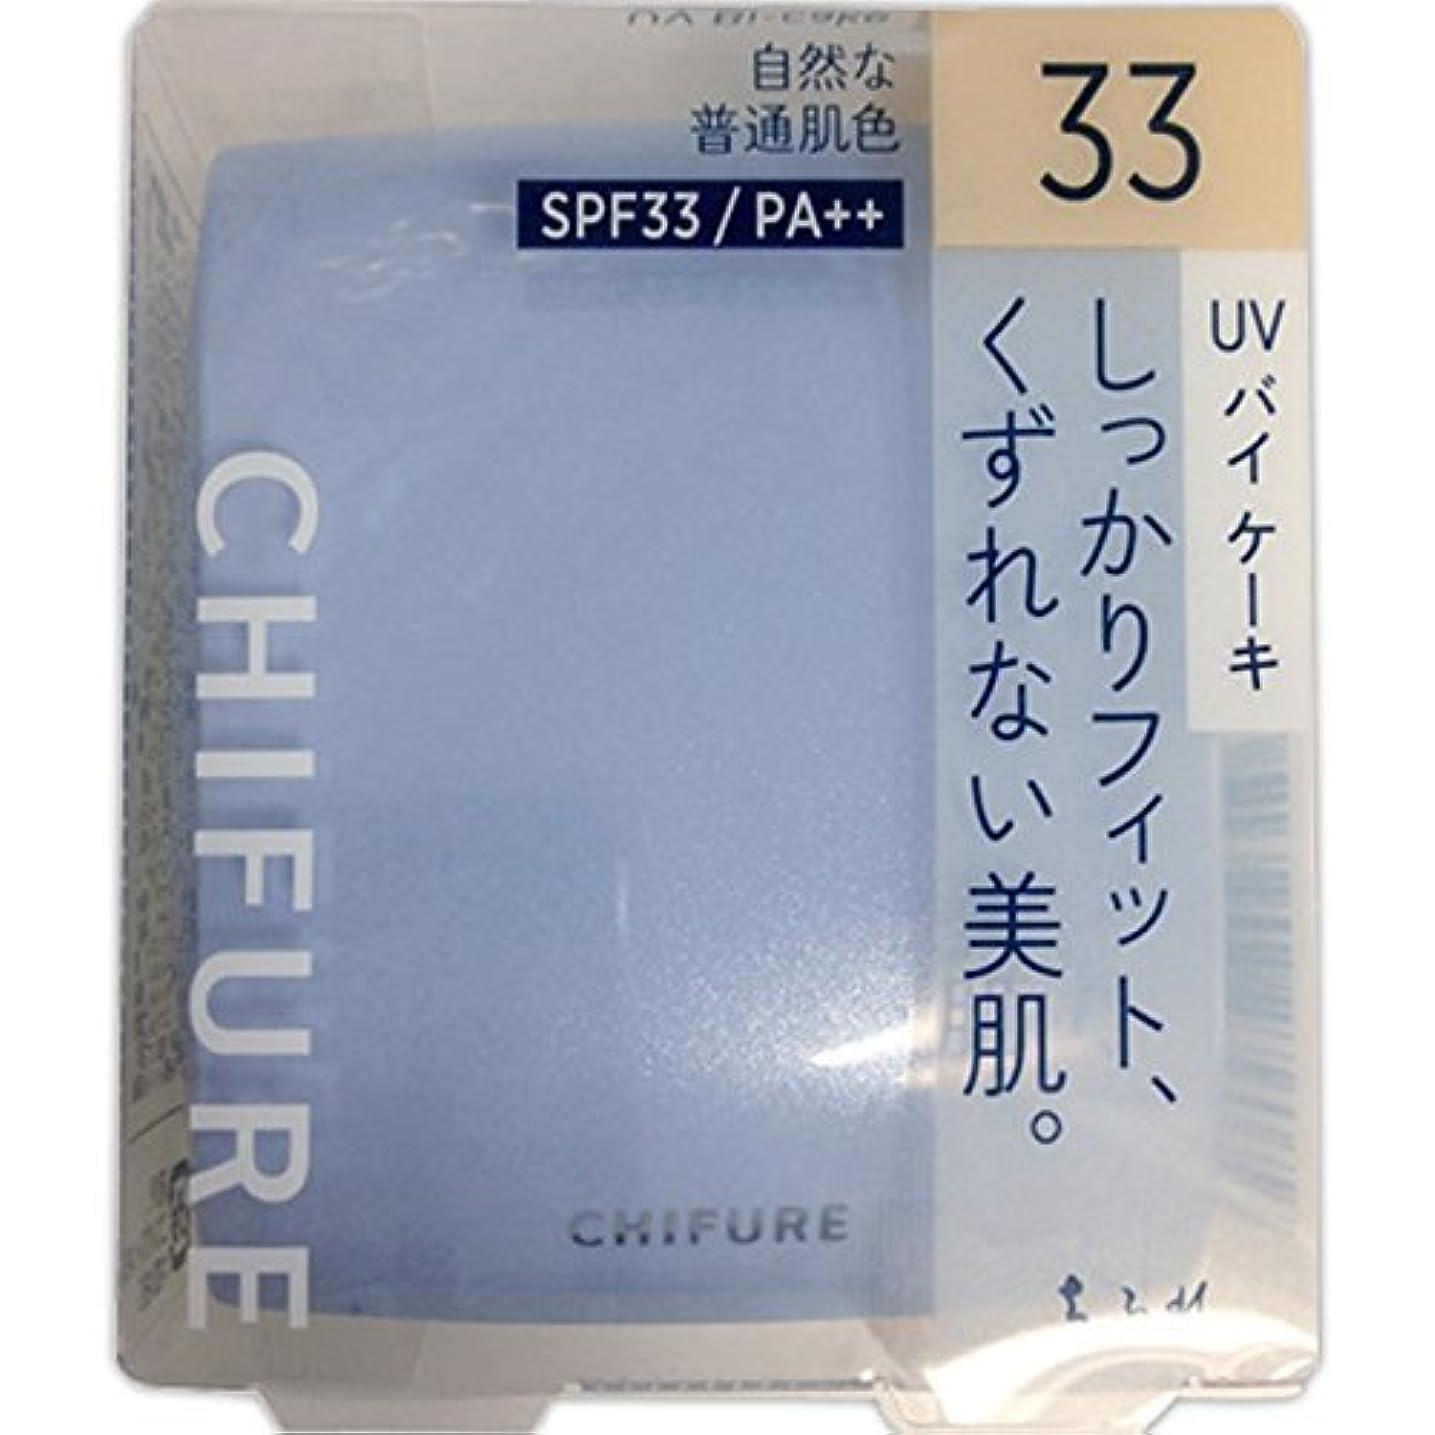 取り付けすり鳥ちふれ化粧品 UV バイ ケーキ(スポンジ入り) 33 自然な普通肌色 14g